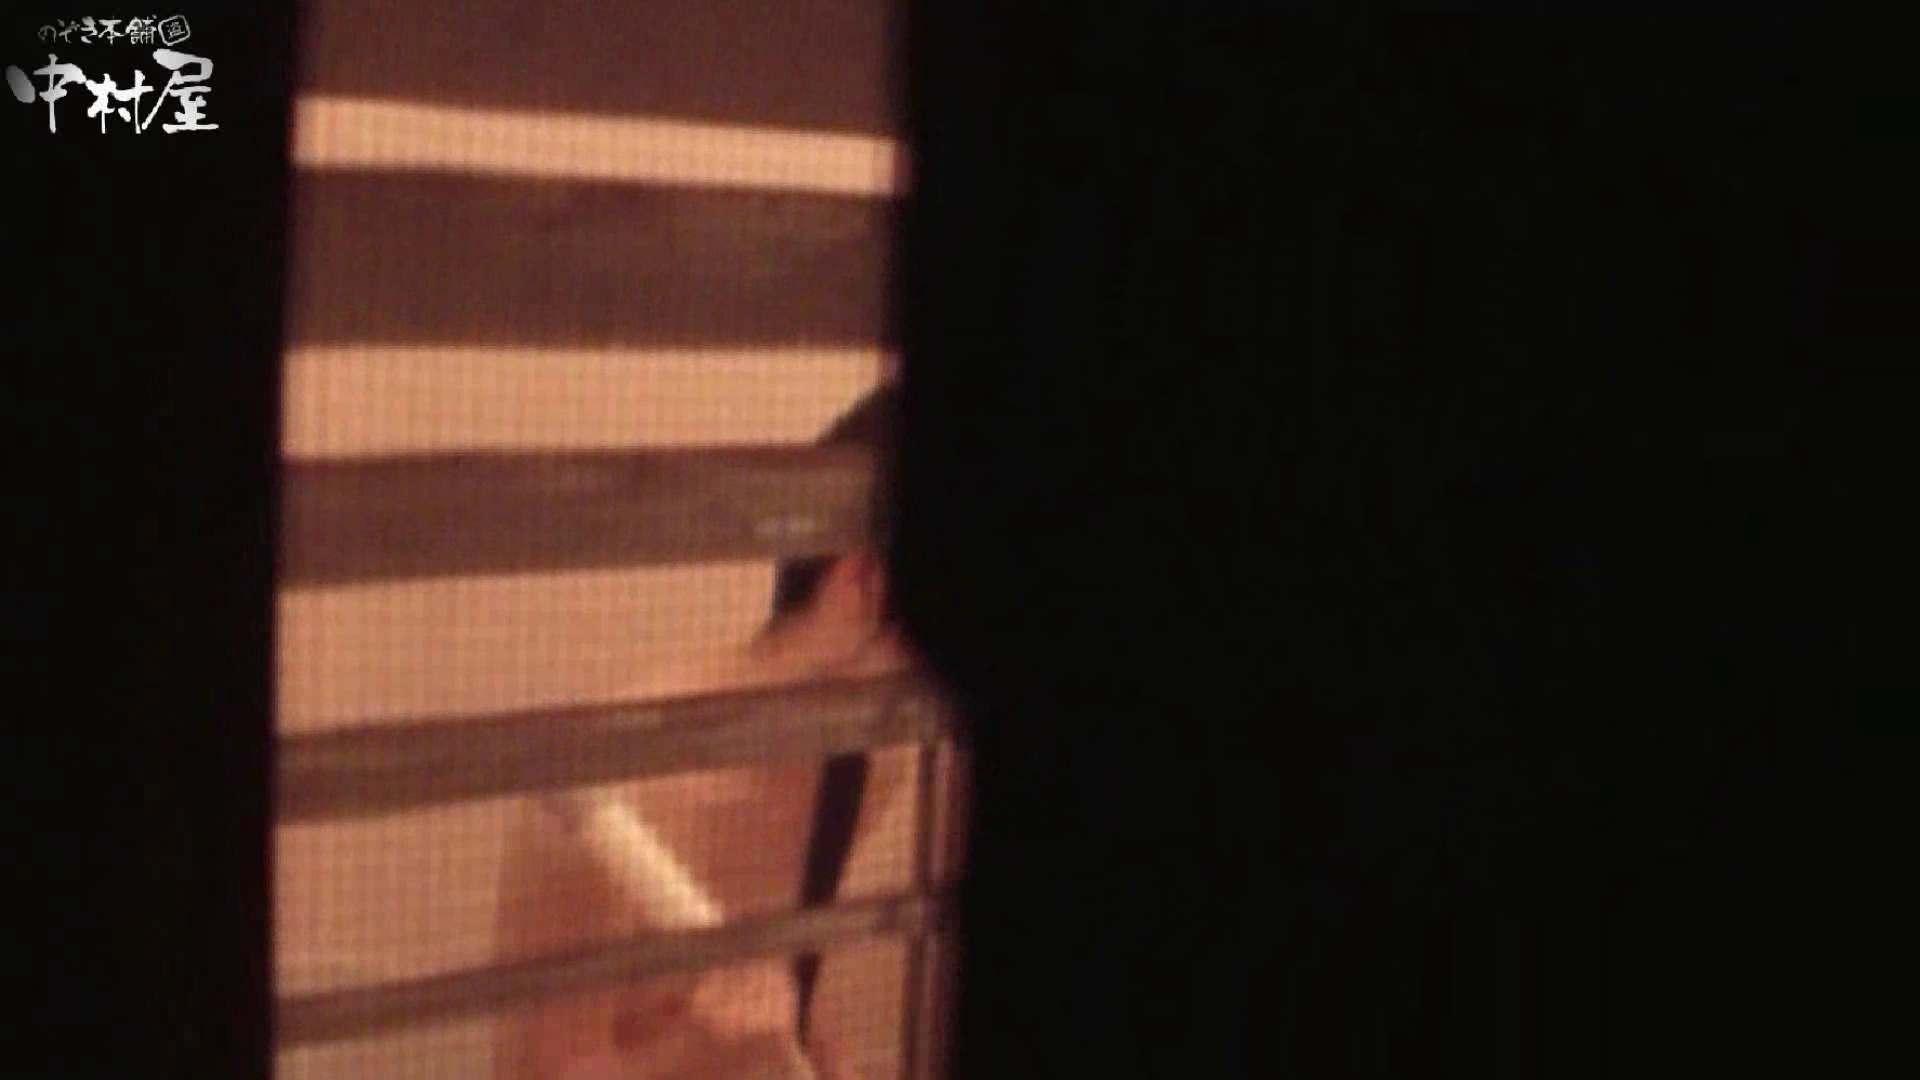 民家風呂専門盗撮師の超危険映像 vol.012 盗撮 おまんこ動画流出 73連発 45